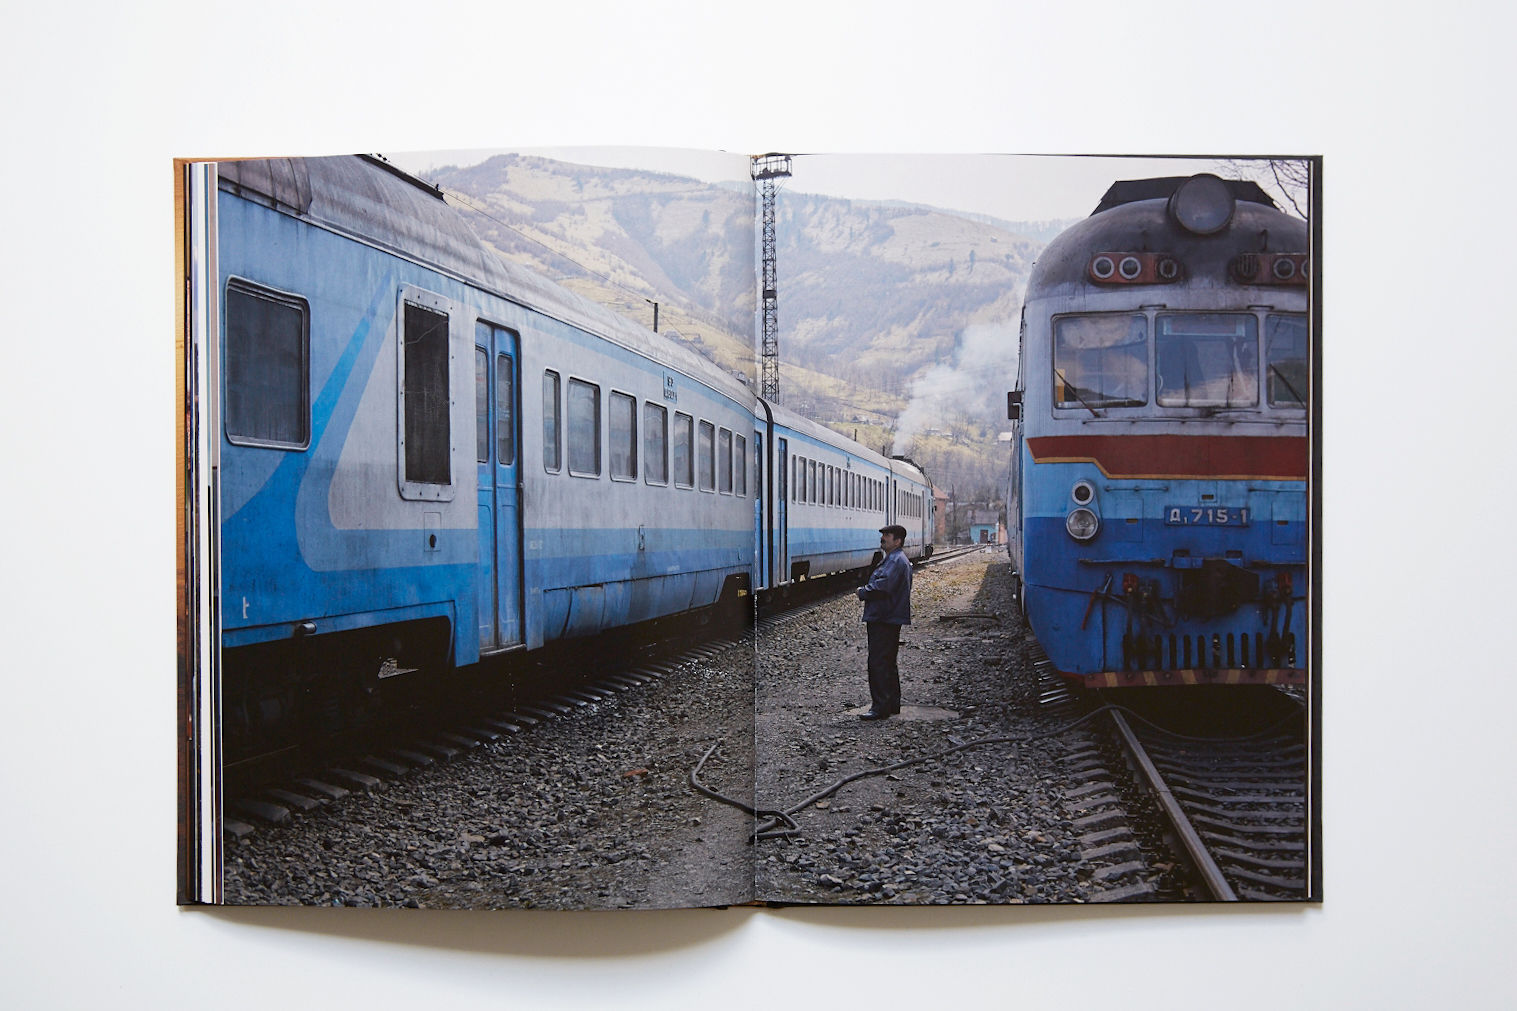 Kosmos Train by JANINE GRAUBAUM